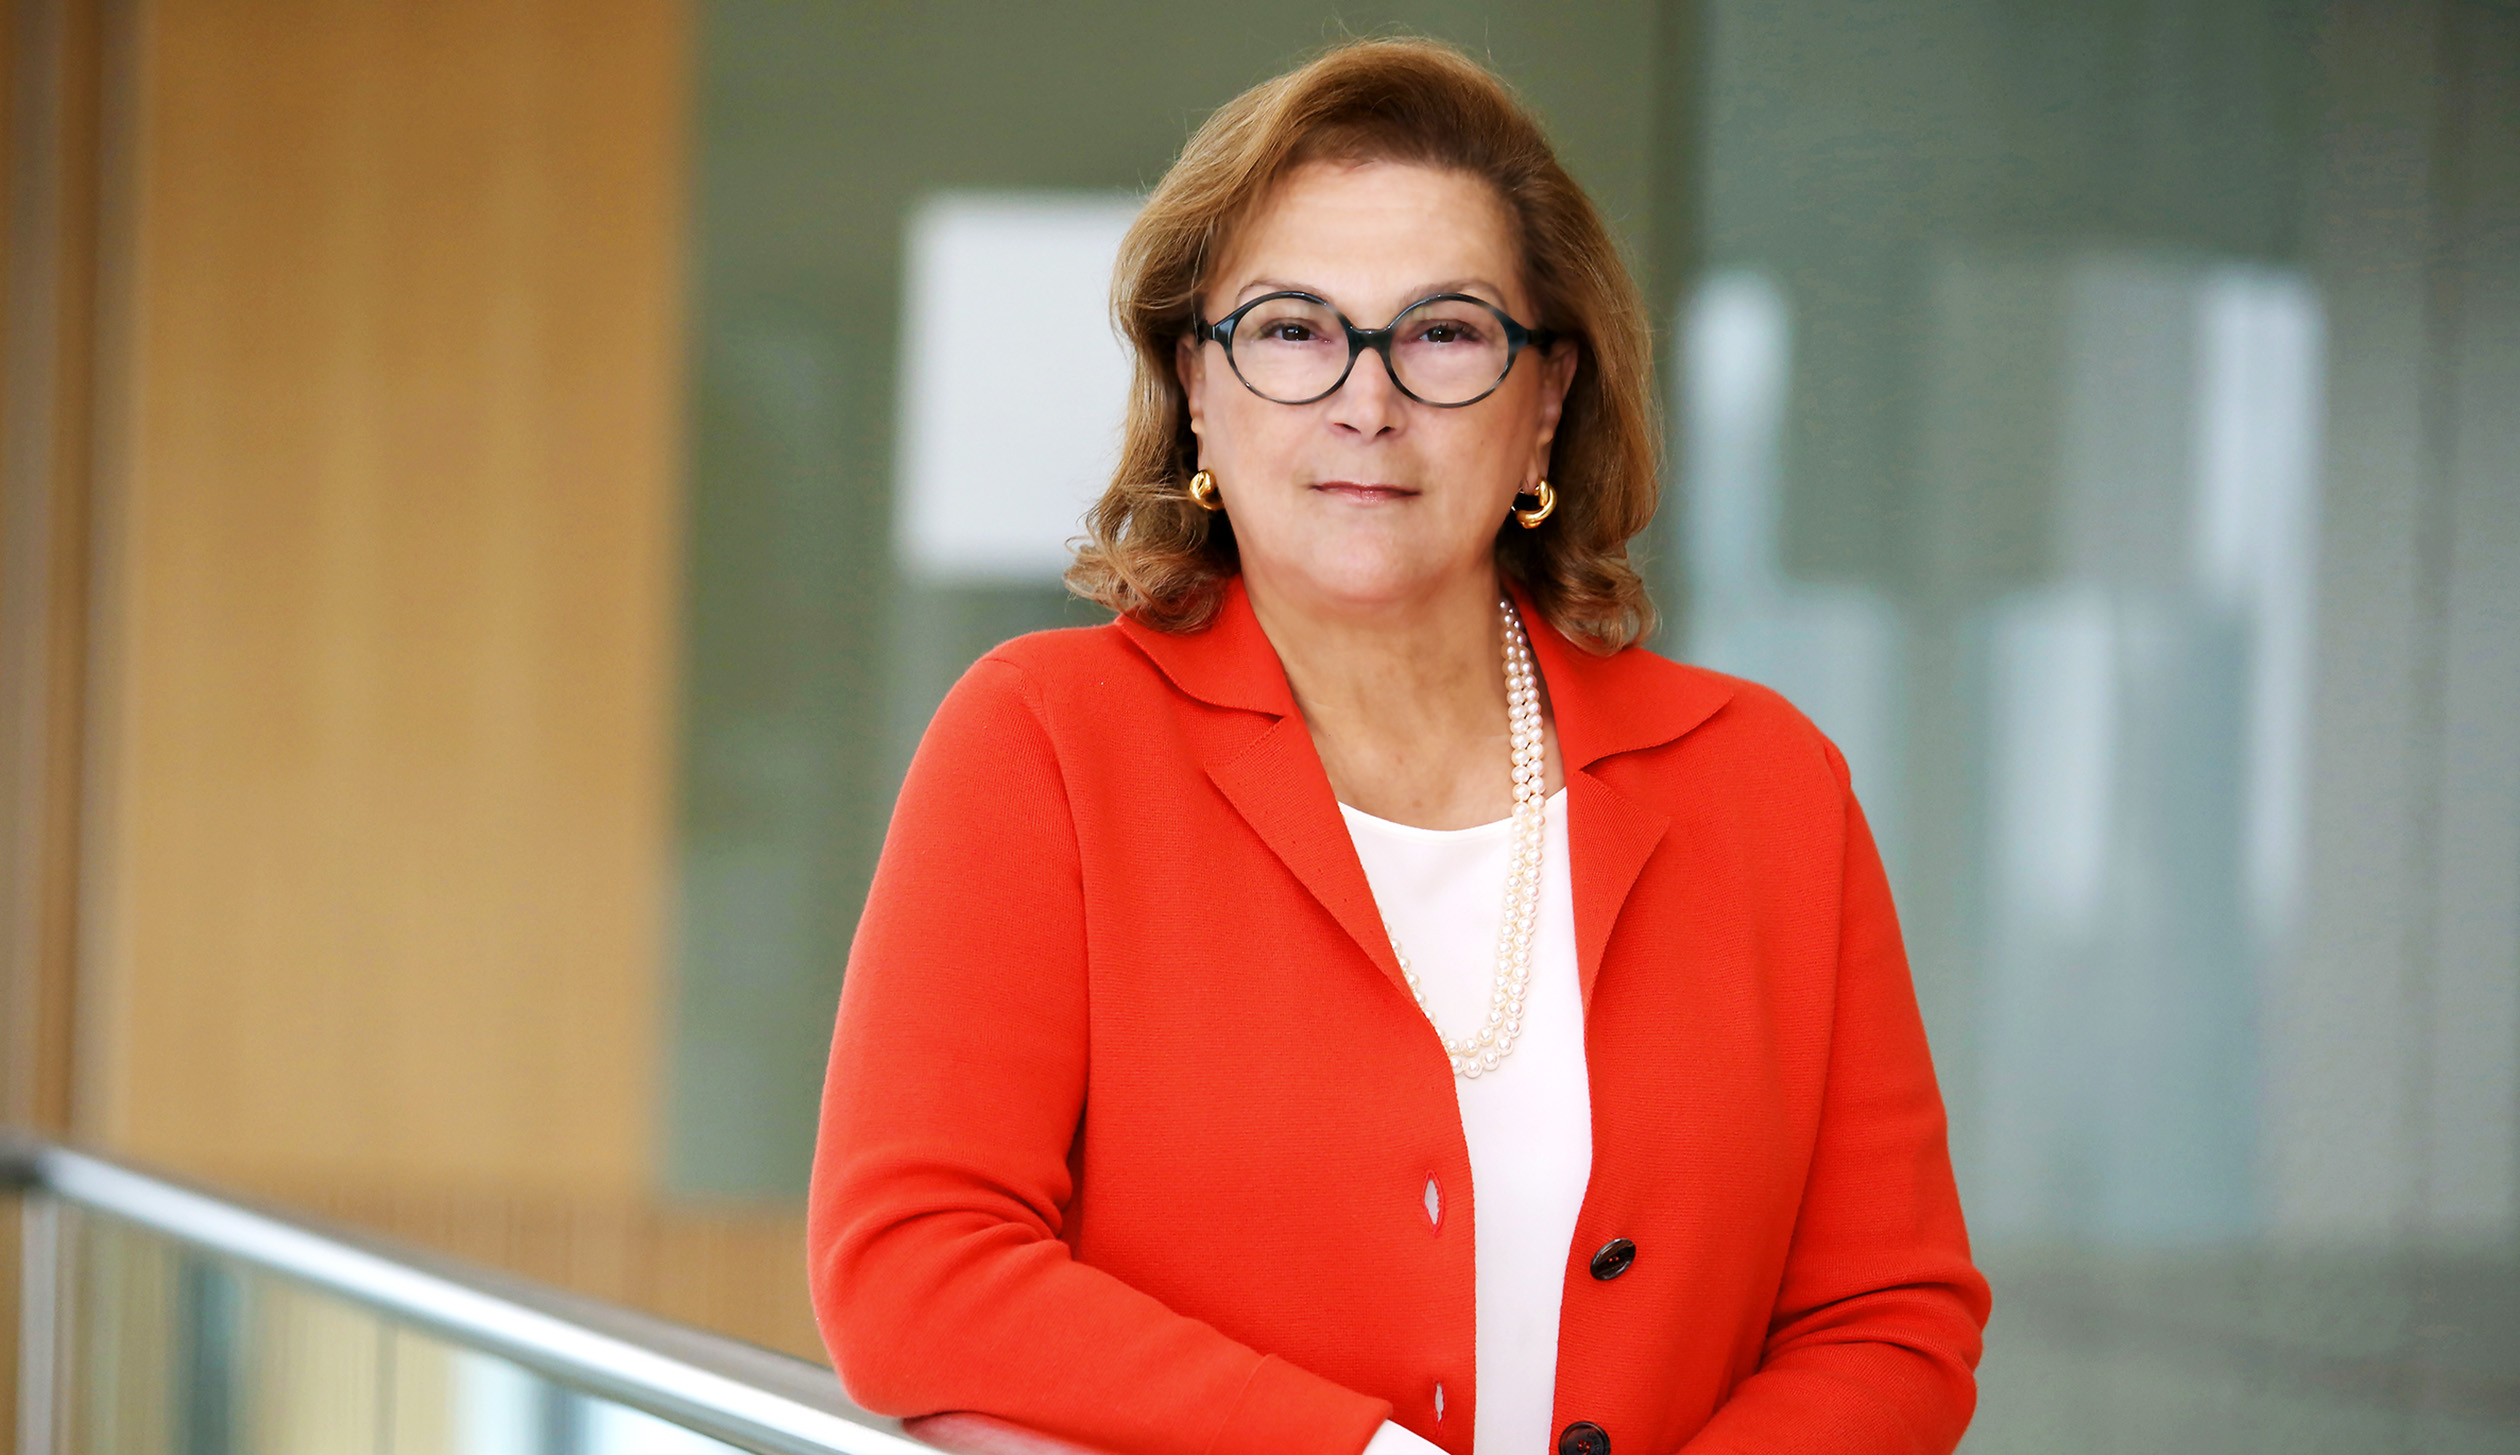 IMPW 2018-Guler Sabanci